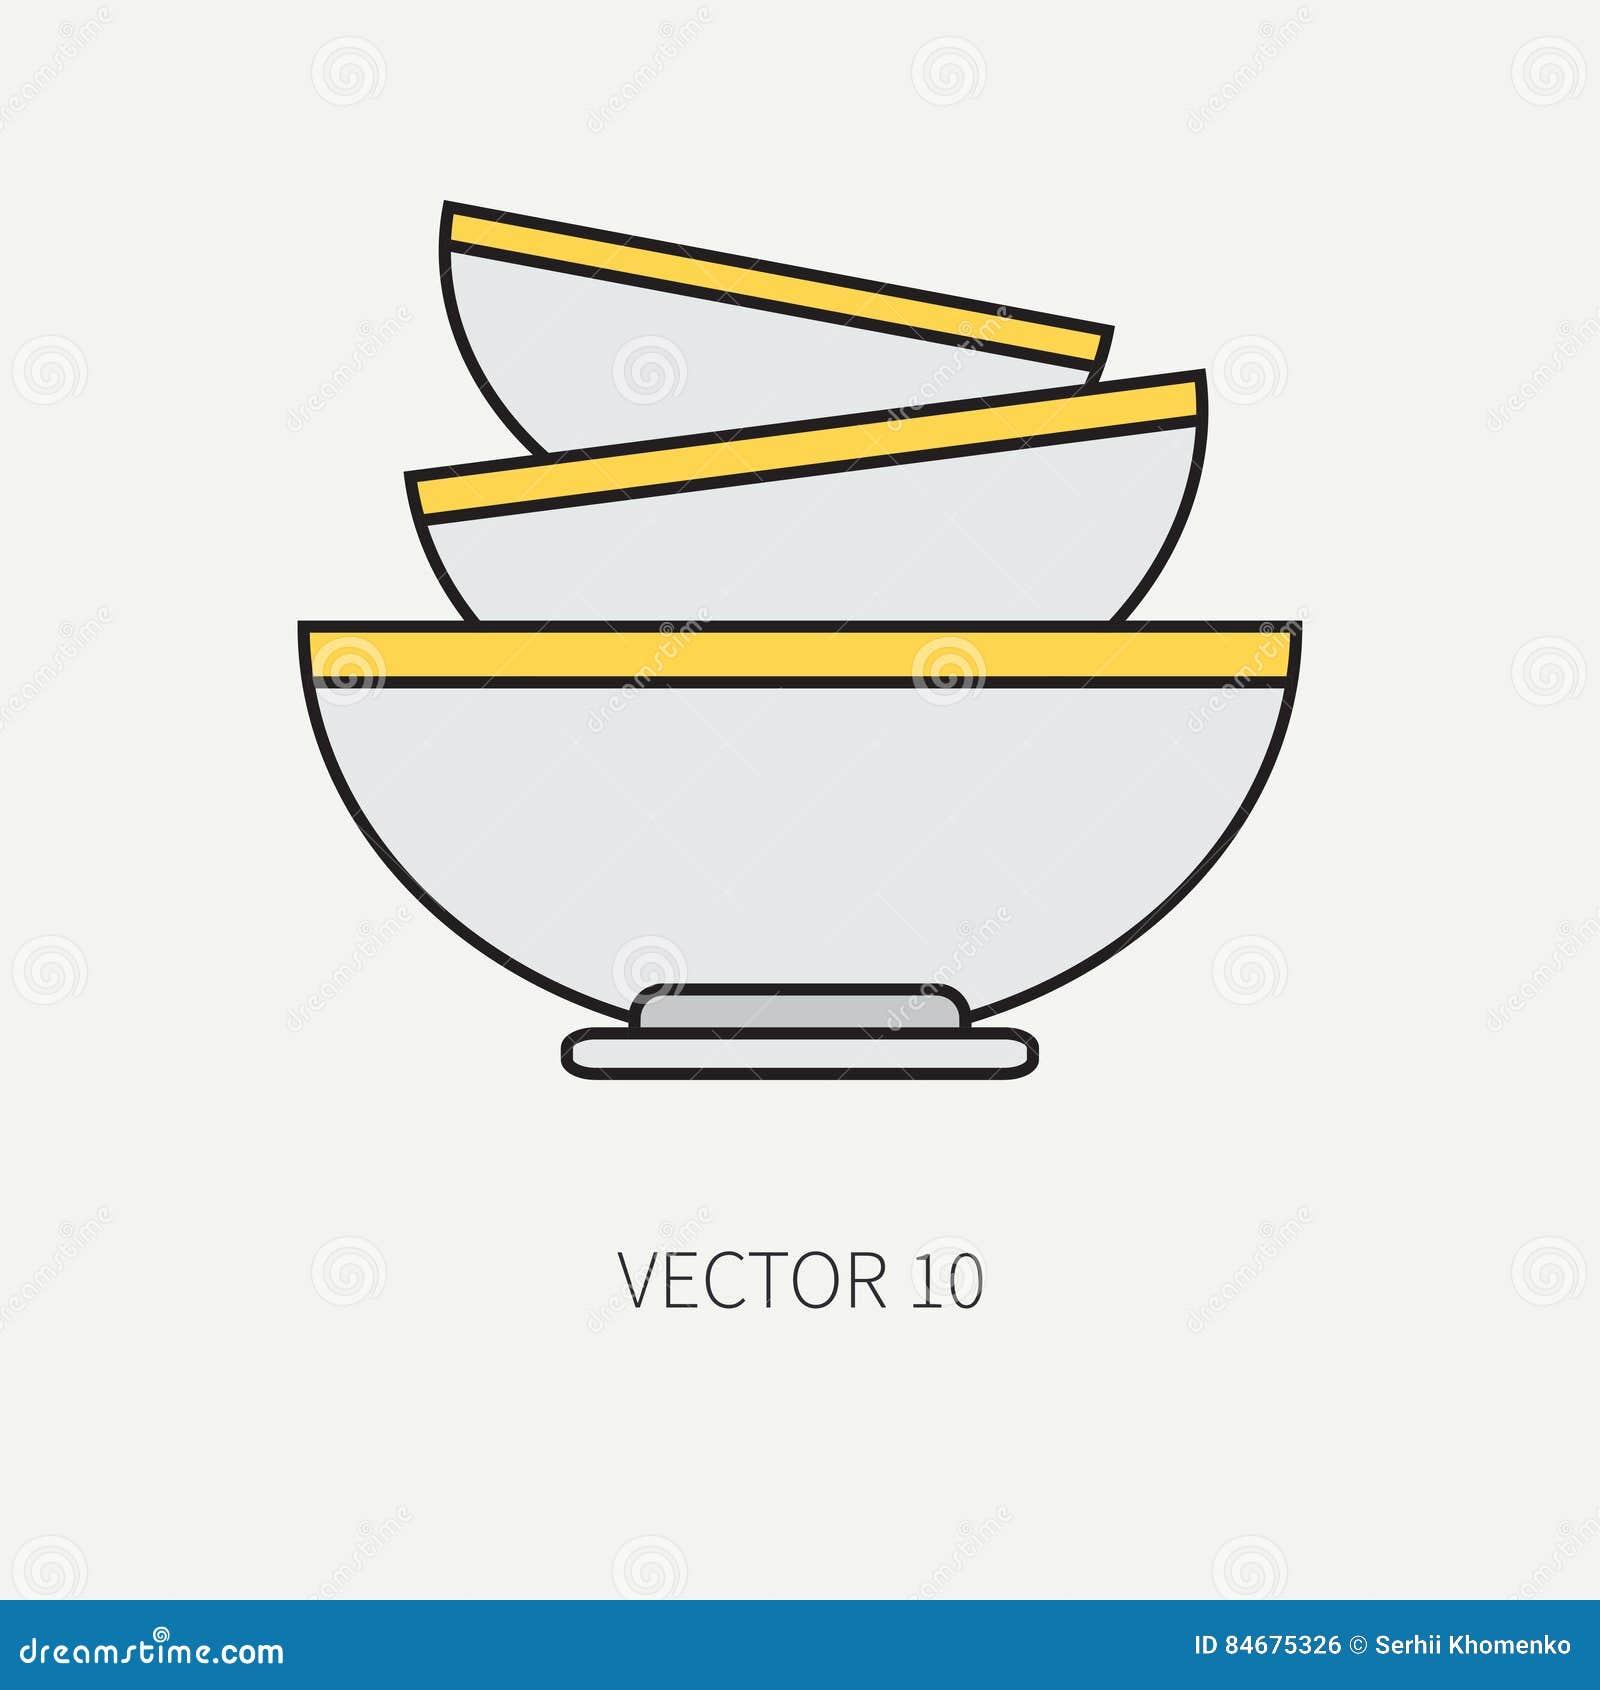 Zeichnen Sie Flache Farbvektor Kuchengeschirrikonen Schussel Teller Tischbesteckwerkzeuge Uberlagert Einfach Zu Bearbeiten Il Vektor Abbildung Illustration Von Zeichnen Farbvektor 84675326